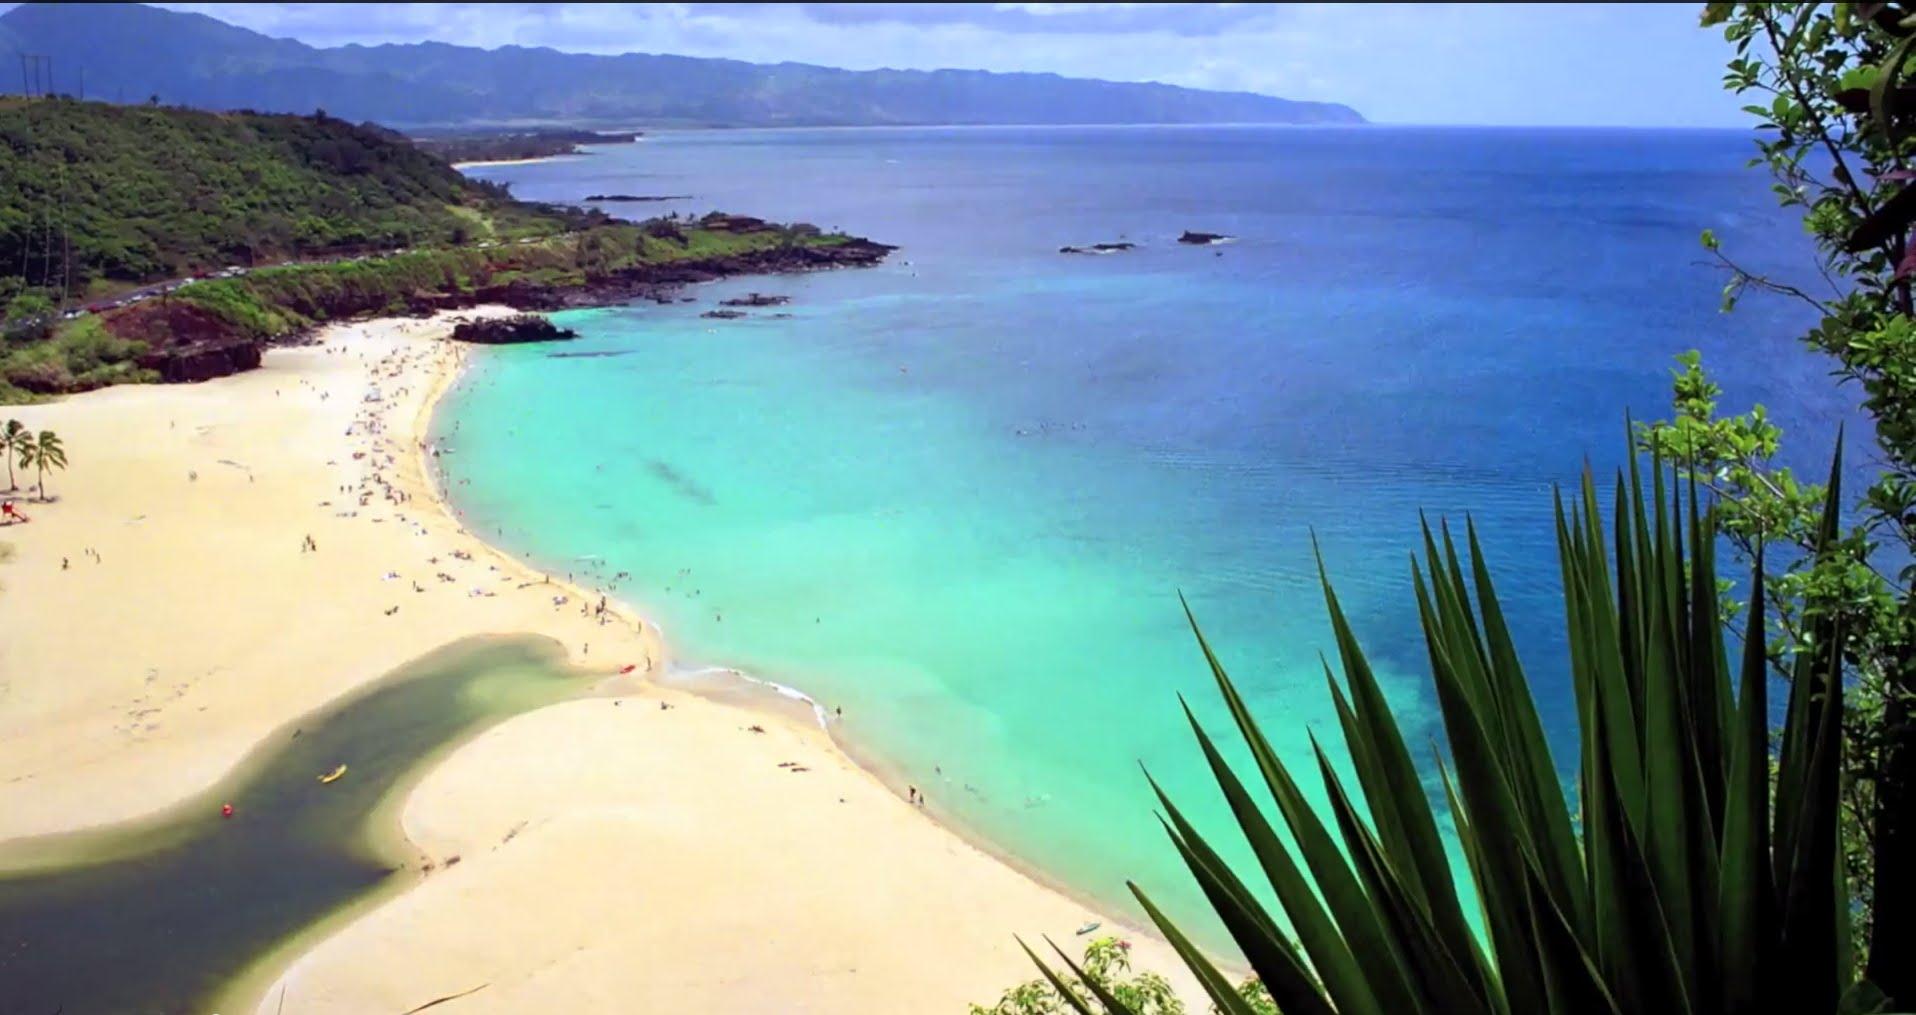 hawaii bay.jpg